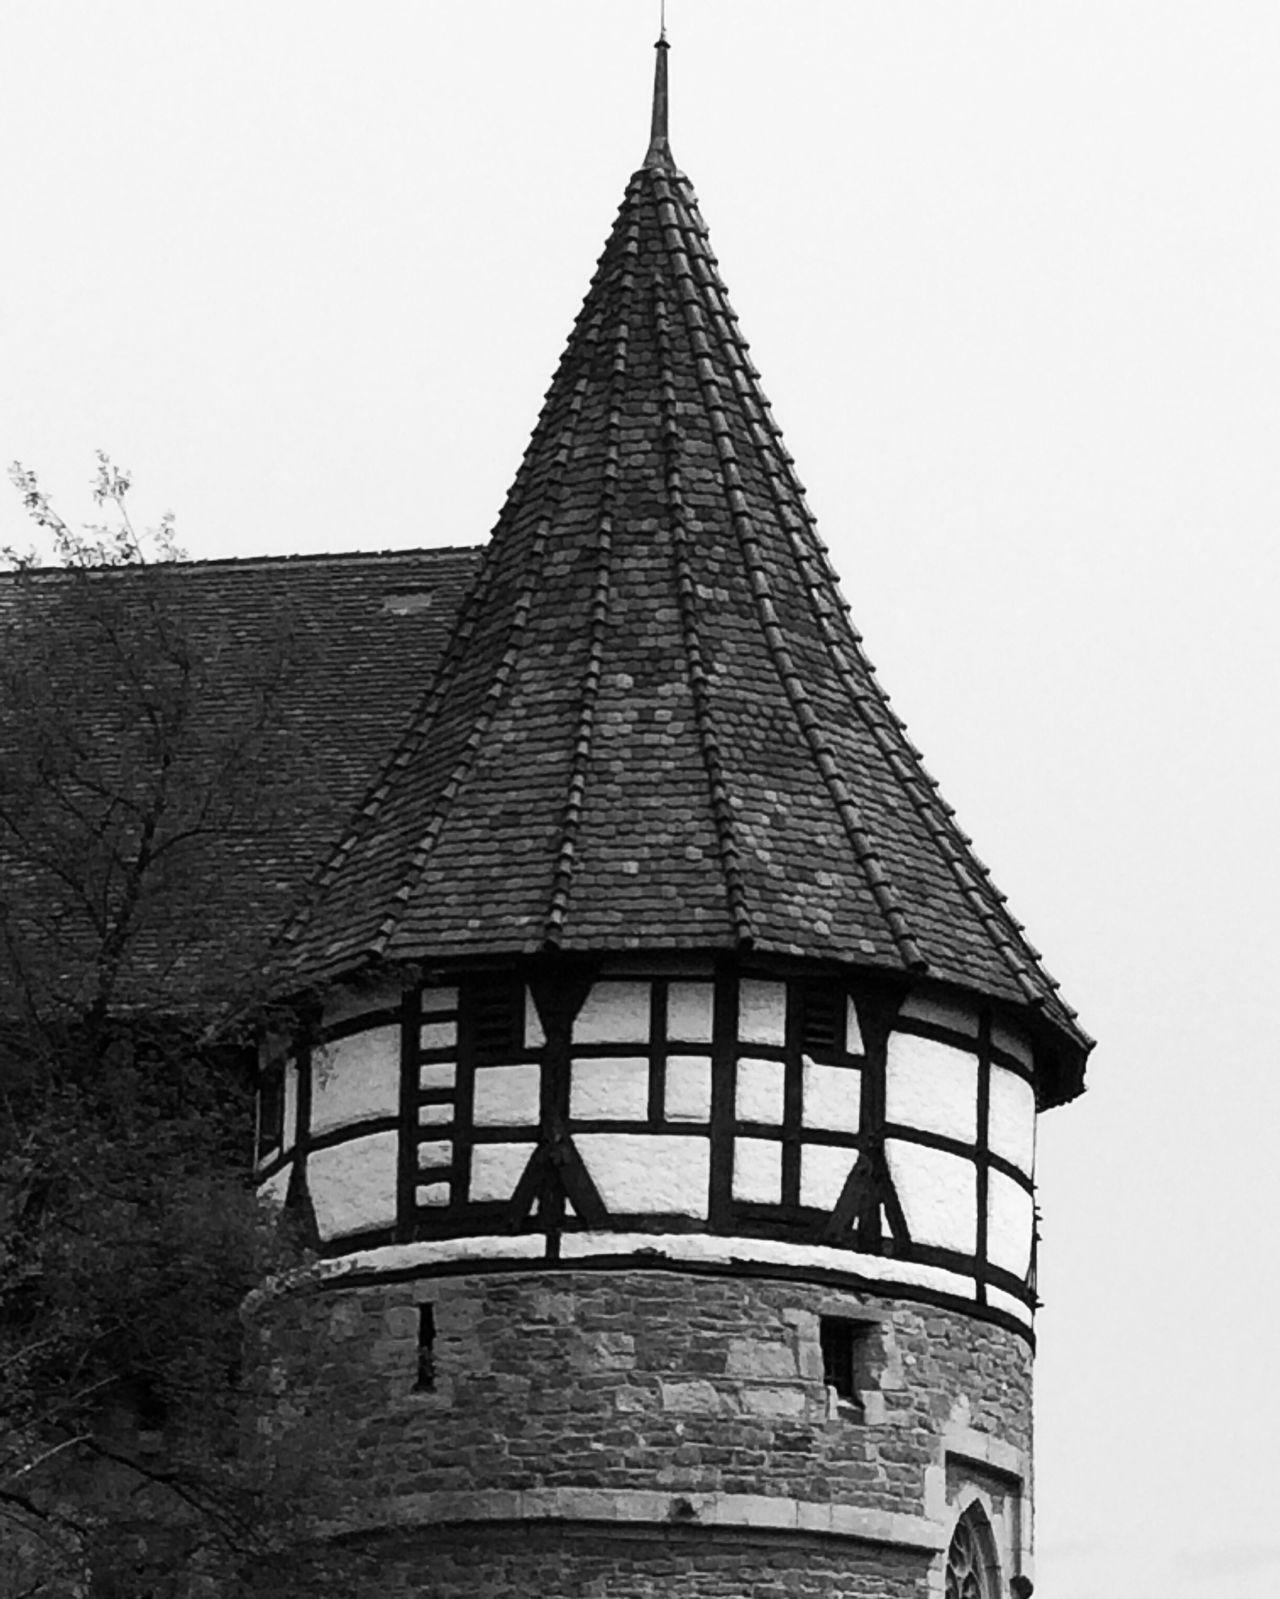 Zollernschloss Castle Balingen Architecture Architecture_collection Blackandwhite Blackandwhite Photography